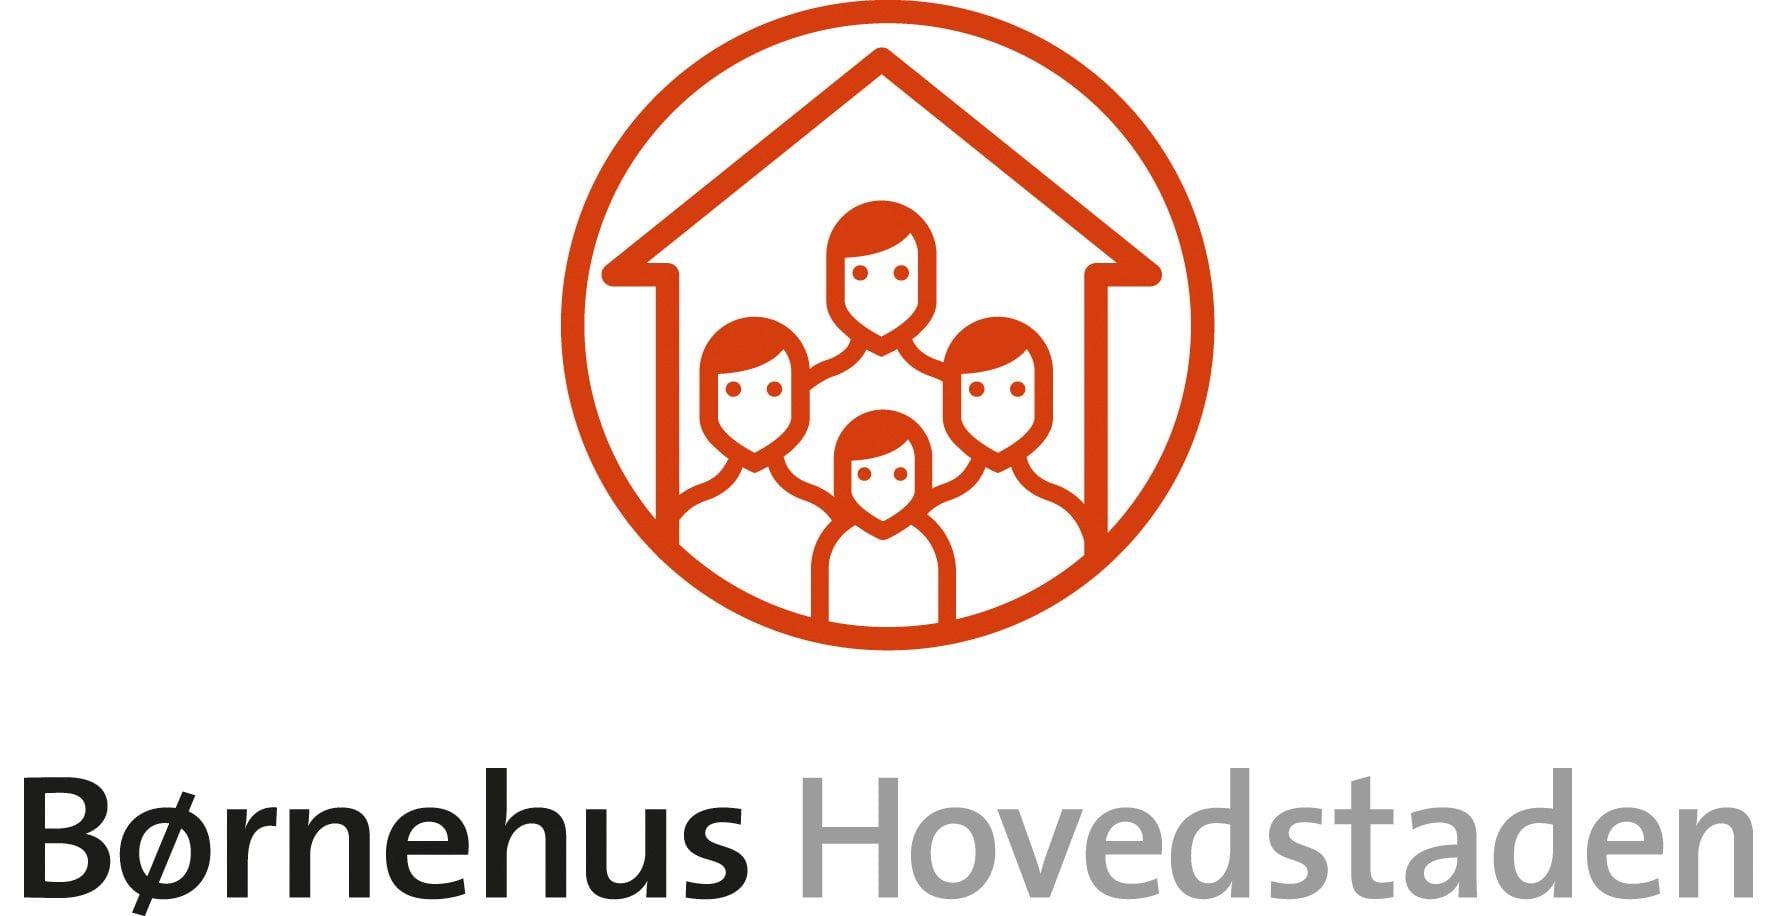 Børnehus Hovedstaden logo